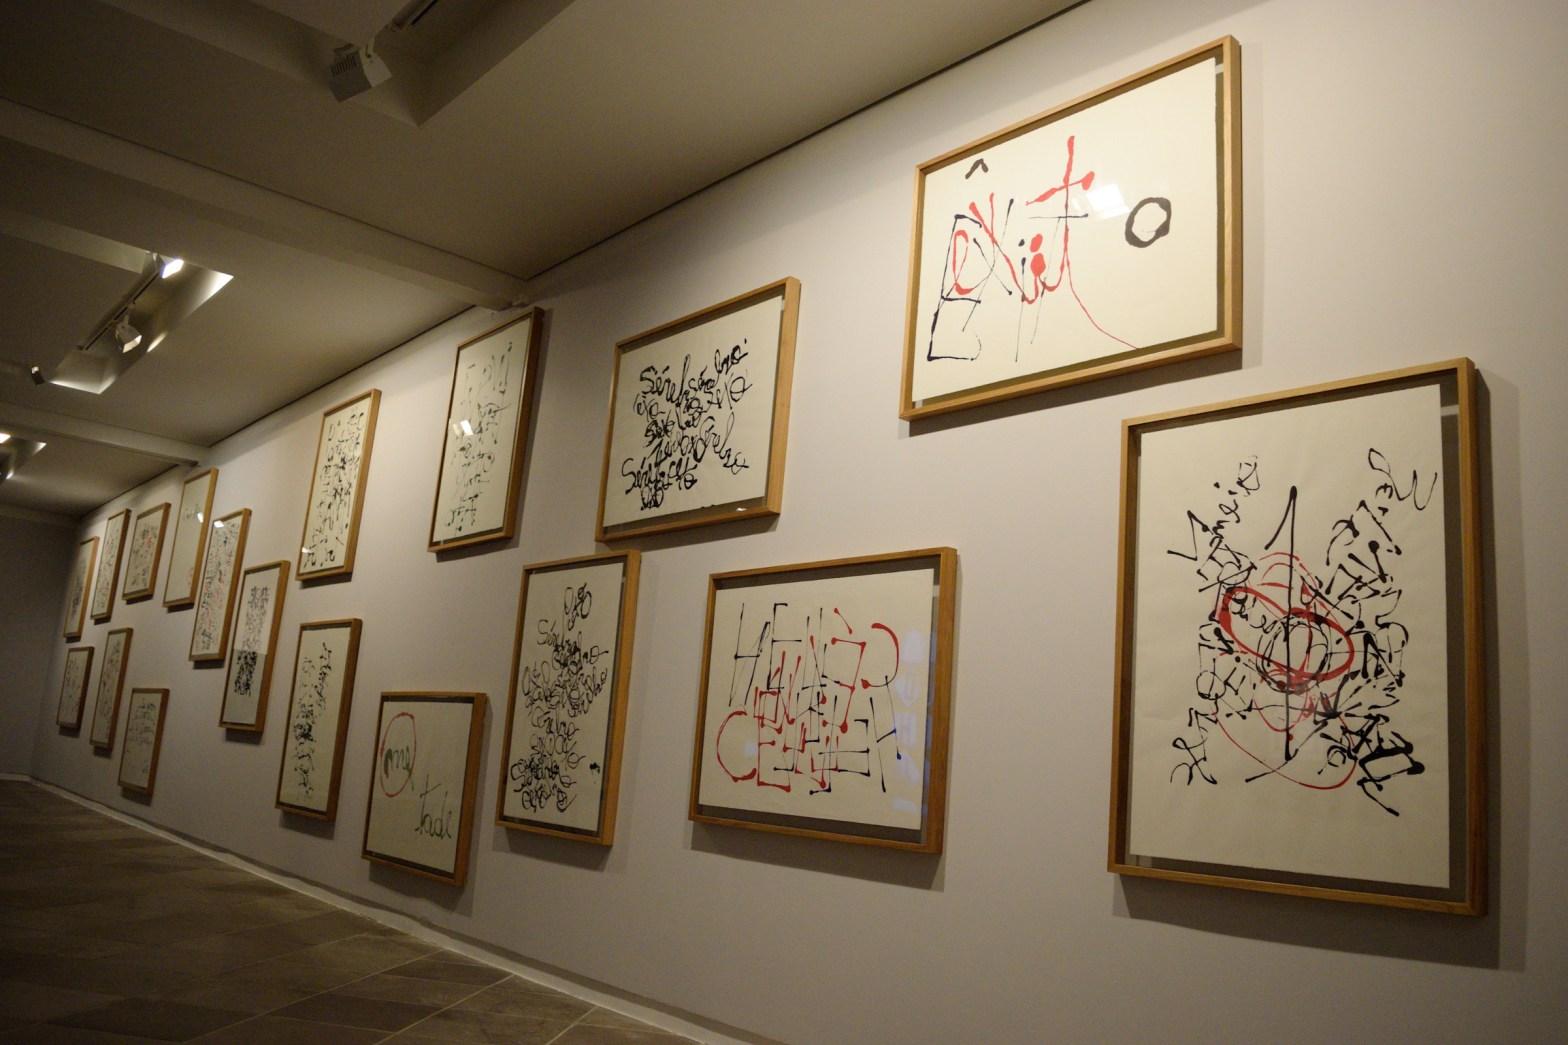 Foto de parede da exposição com quadros da série de caligrafias